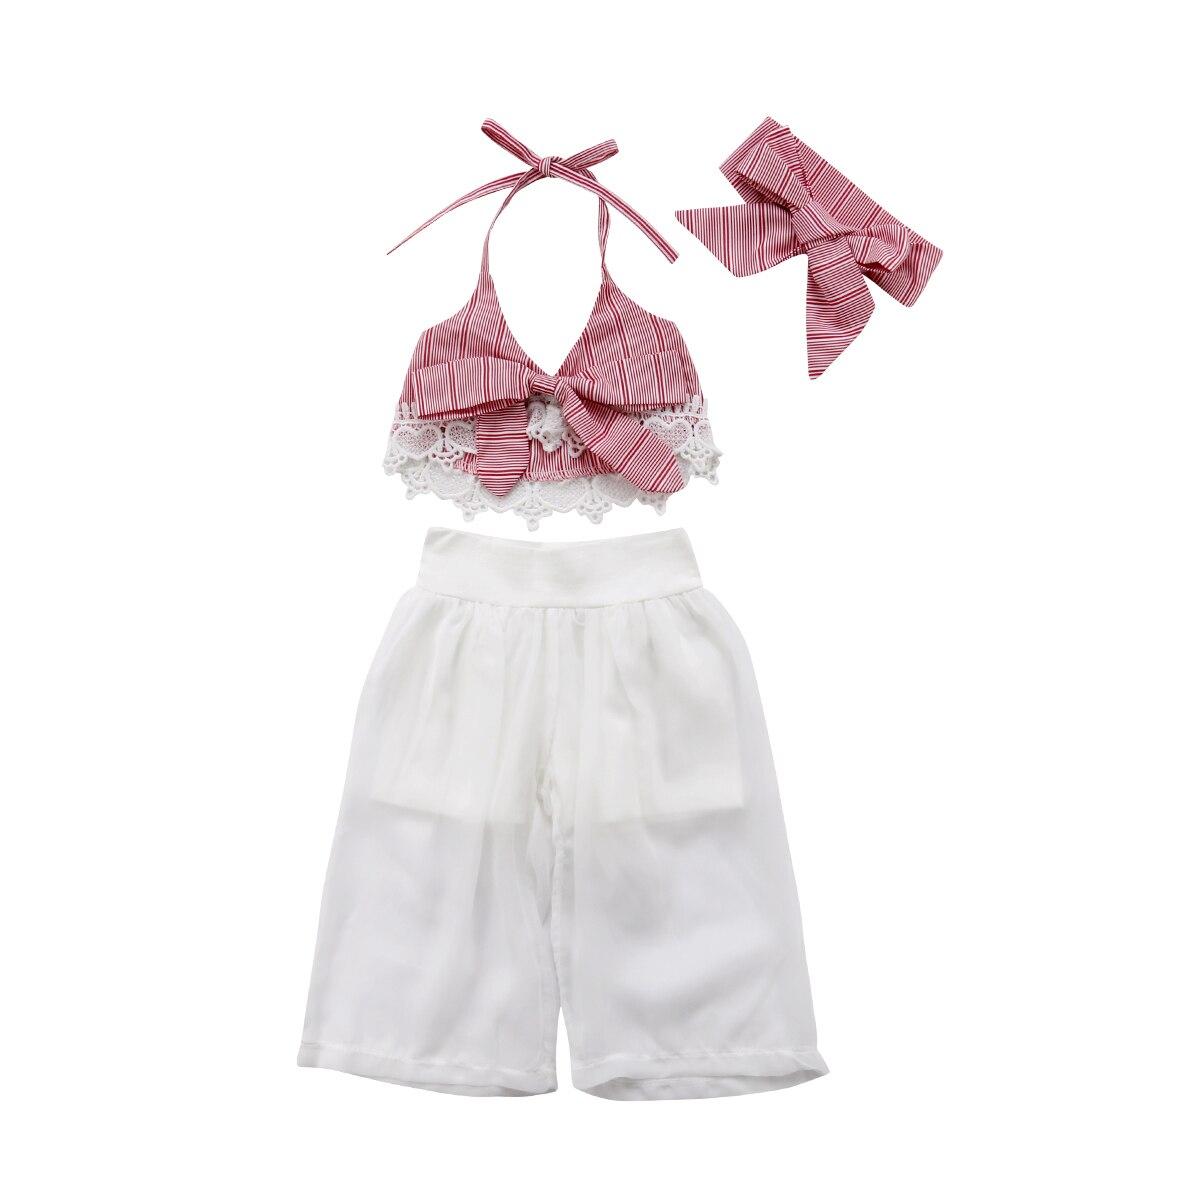 2 Stücke Wenig Baby Mädchen Kleidung Set Sommer Strap Striped Crop Tops + Mesh Hosen Outfits Set 0-5y GläNzend